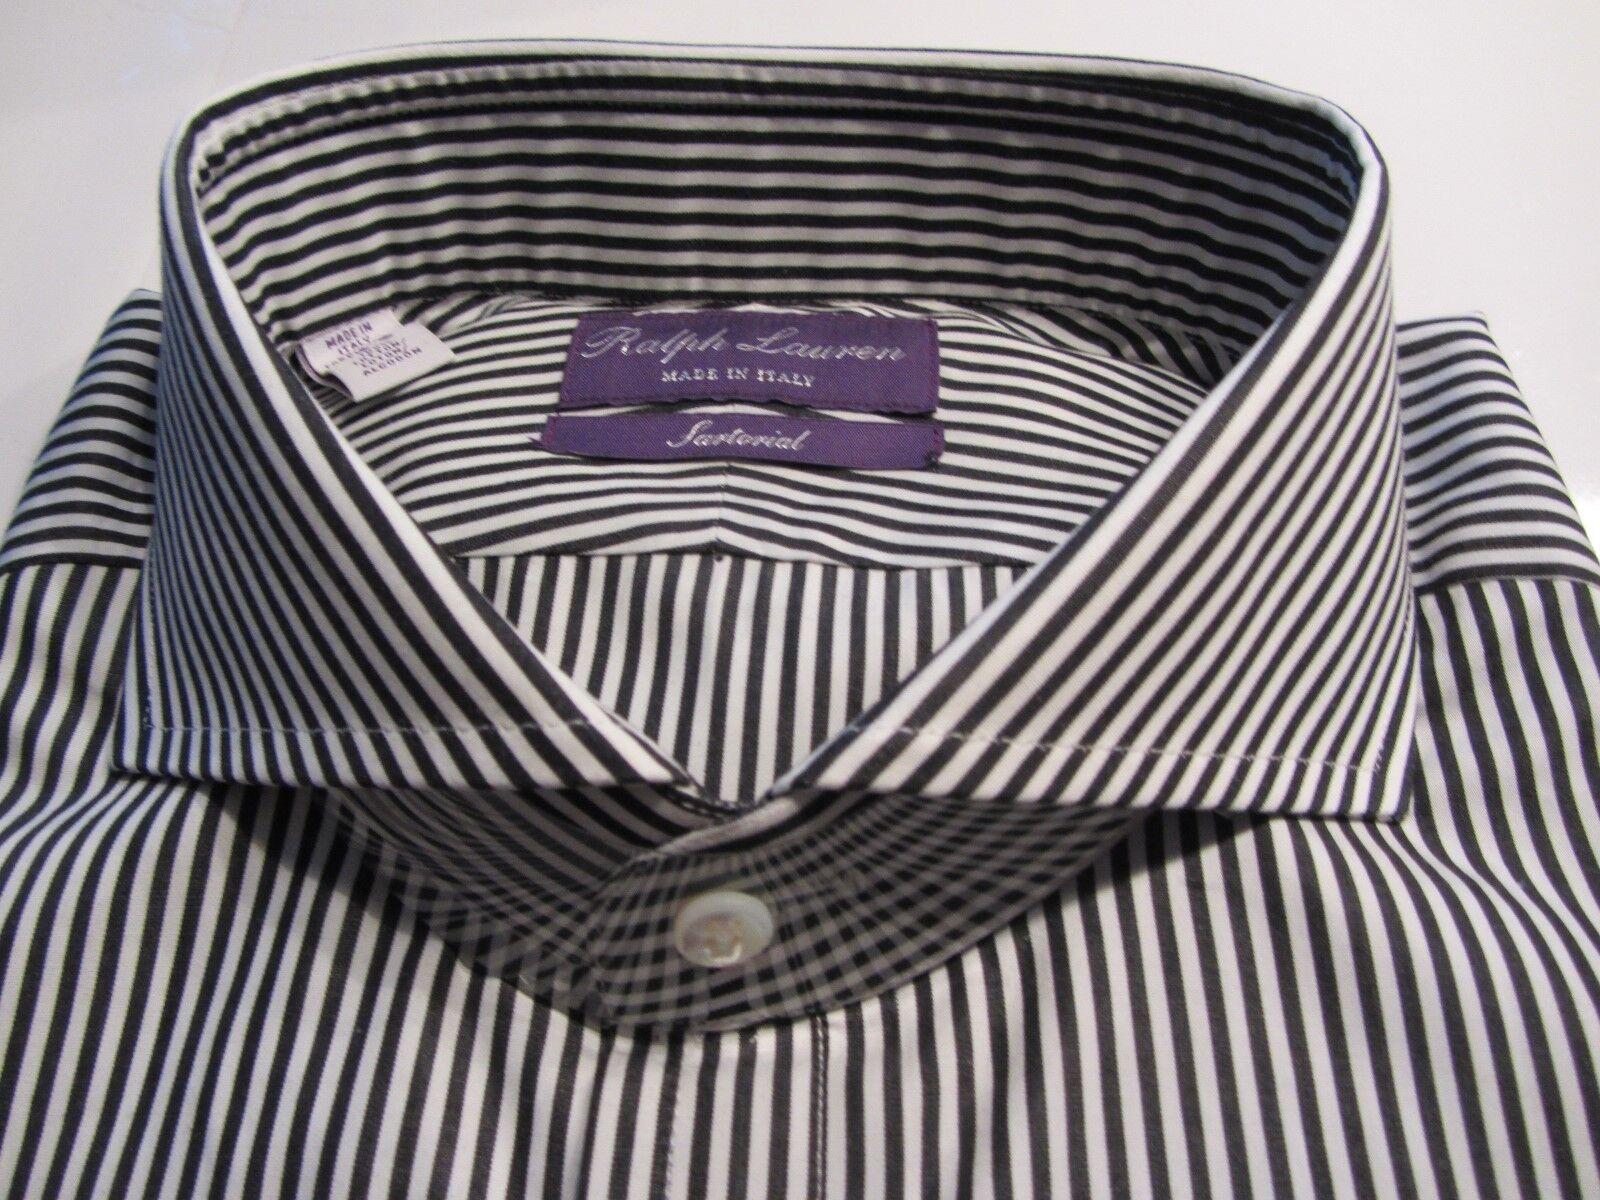 Ralph Lauren lila Label SARTORIAL 42  16,5    ABSOLUT ANSPRUCHSVOL   6277     | Günstige Preise